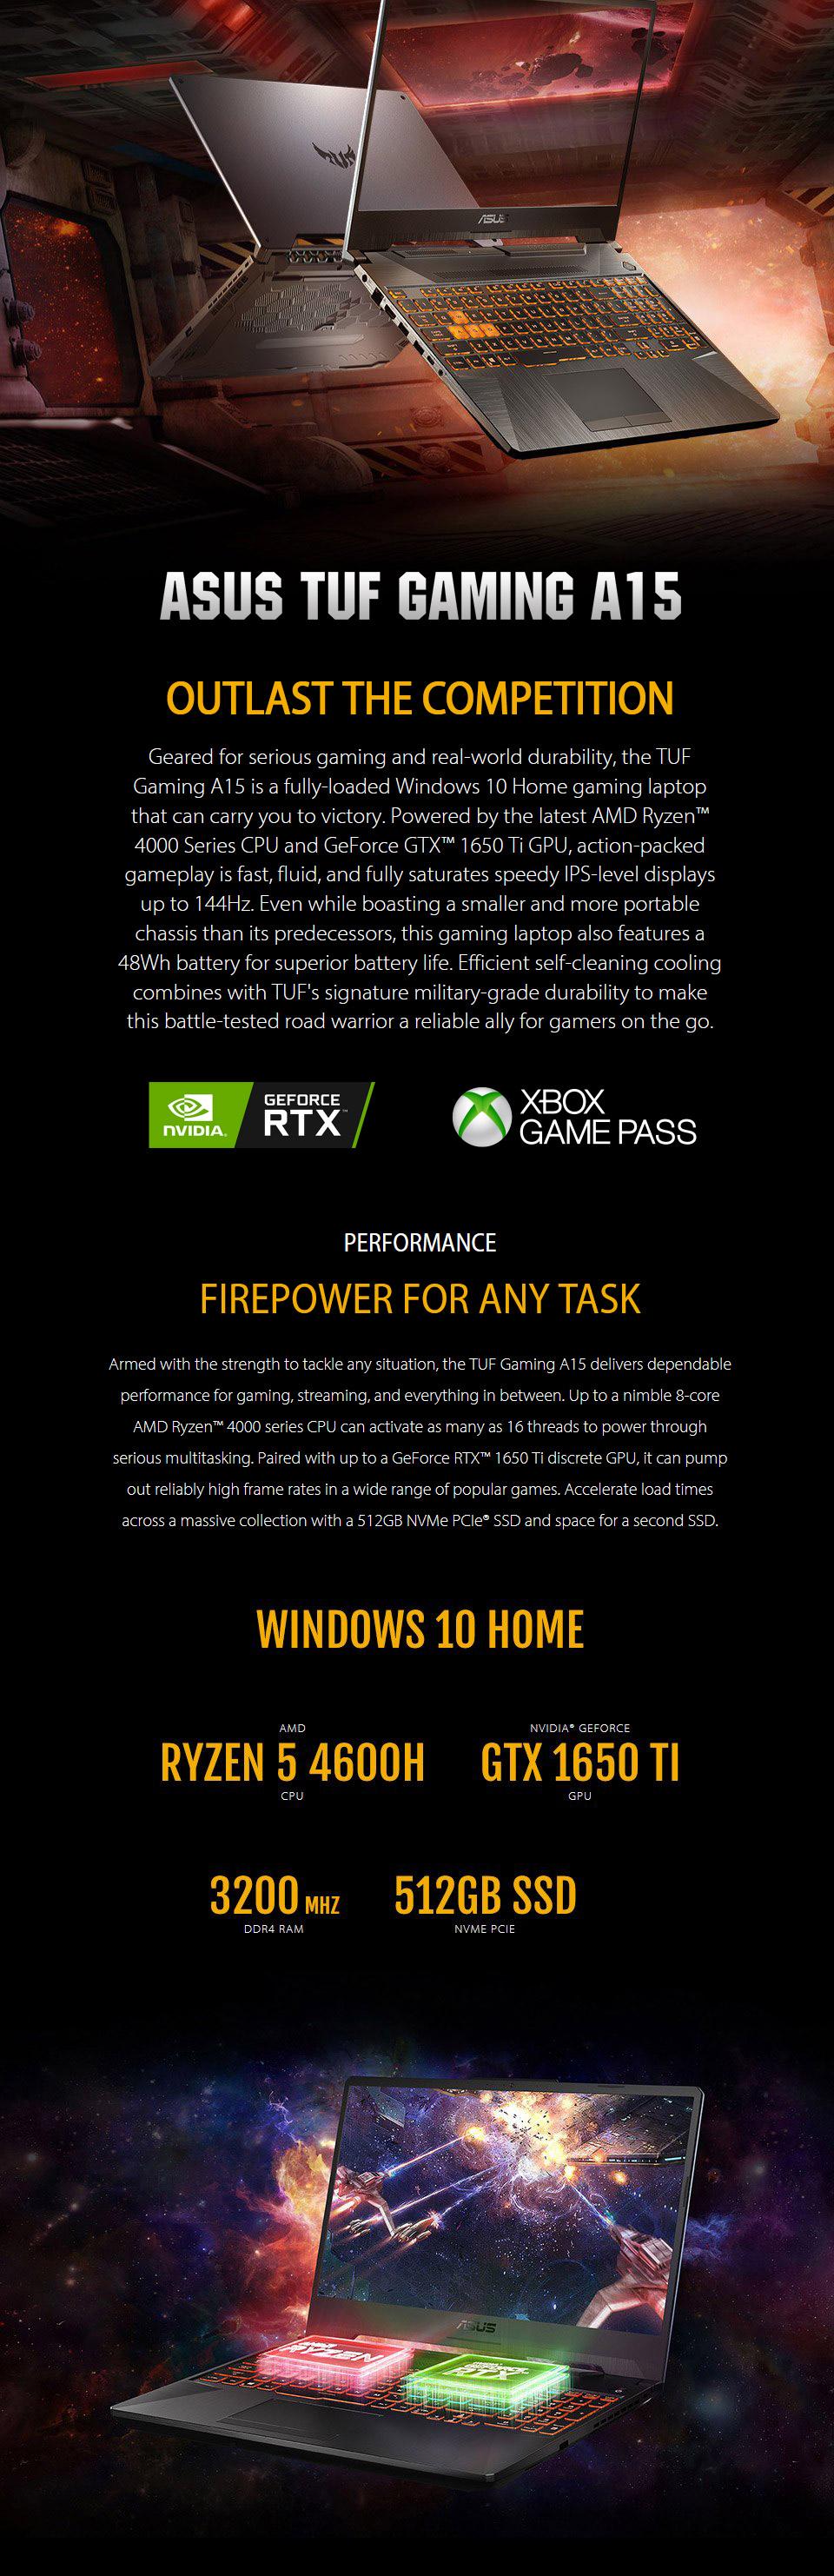 ASUS TUF AMD Ryzen 5 GeForce GTX 1650 Ti 15.6in 144Hz Notebook features